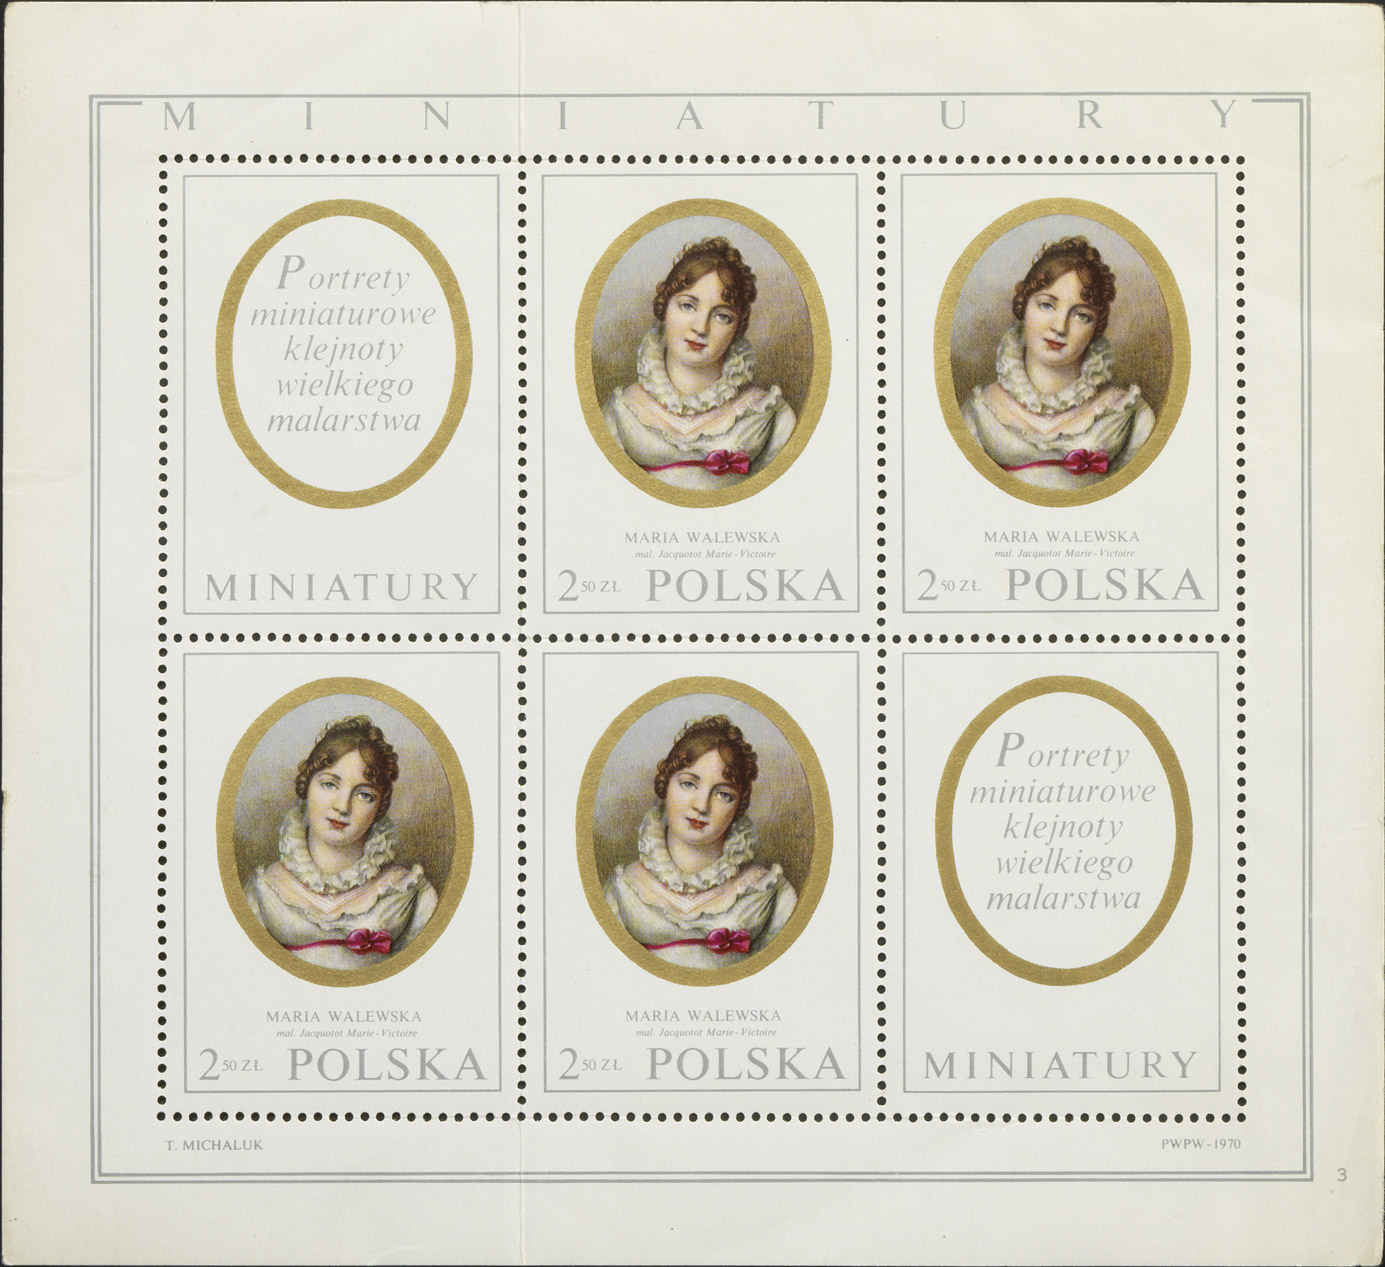 Timbres polonais en l'honneur de Marie Walewska - Patrimoine Charles-André COLONNA WALEWSKI, en ligne directe de Napoléon